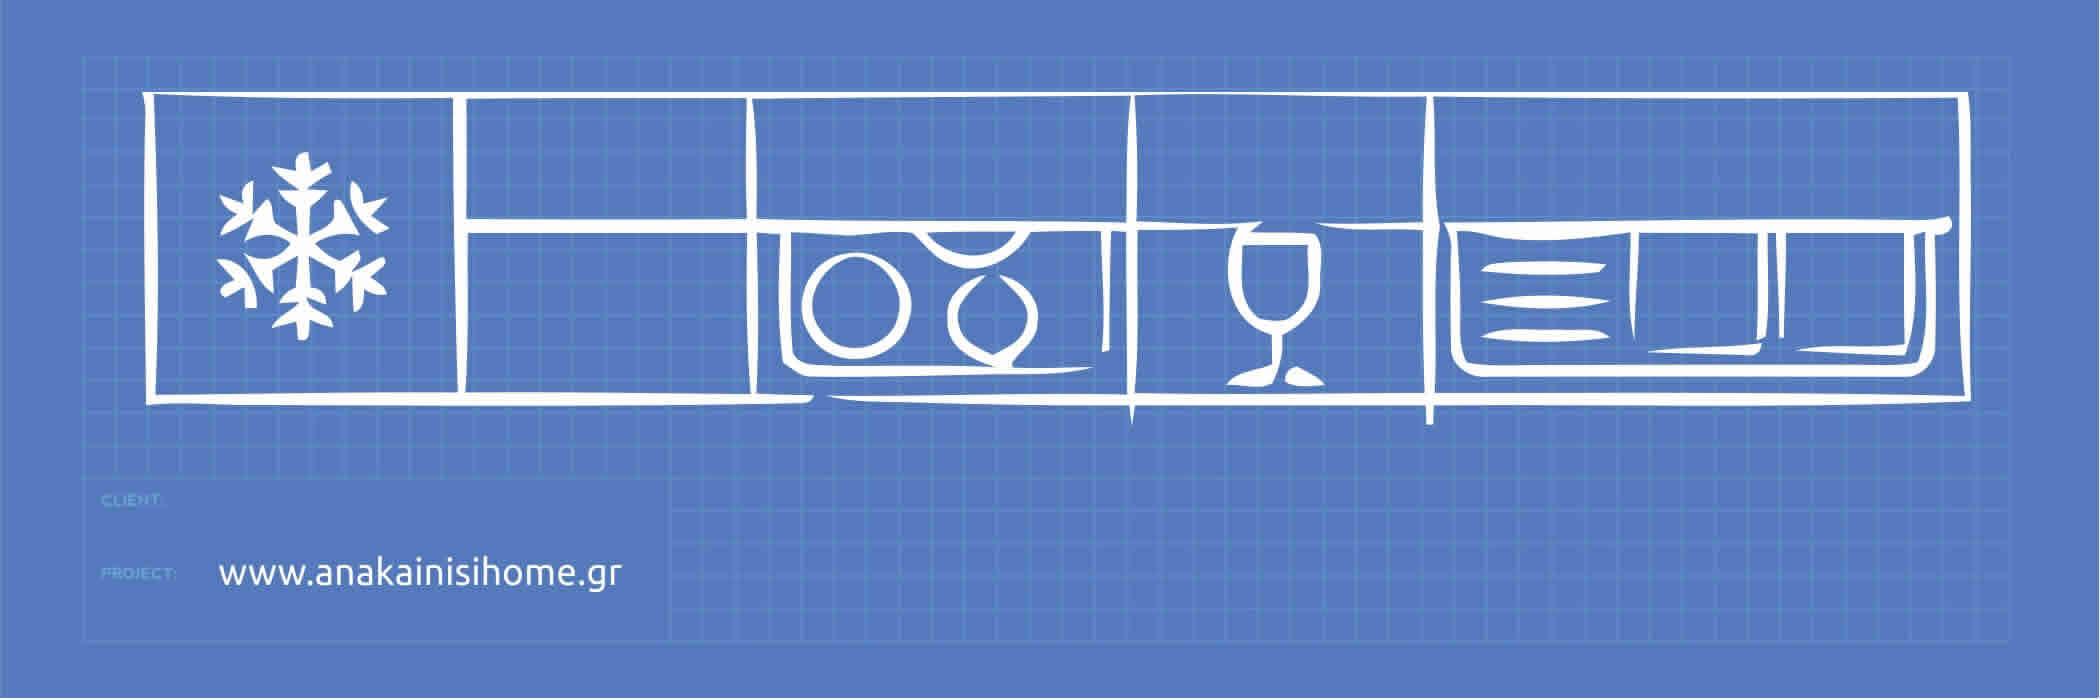 Κουζίνα σπιτιού σε σειρά